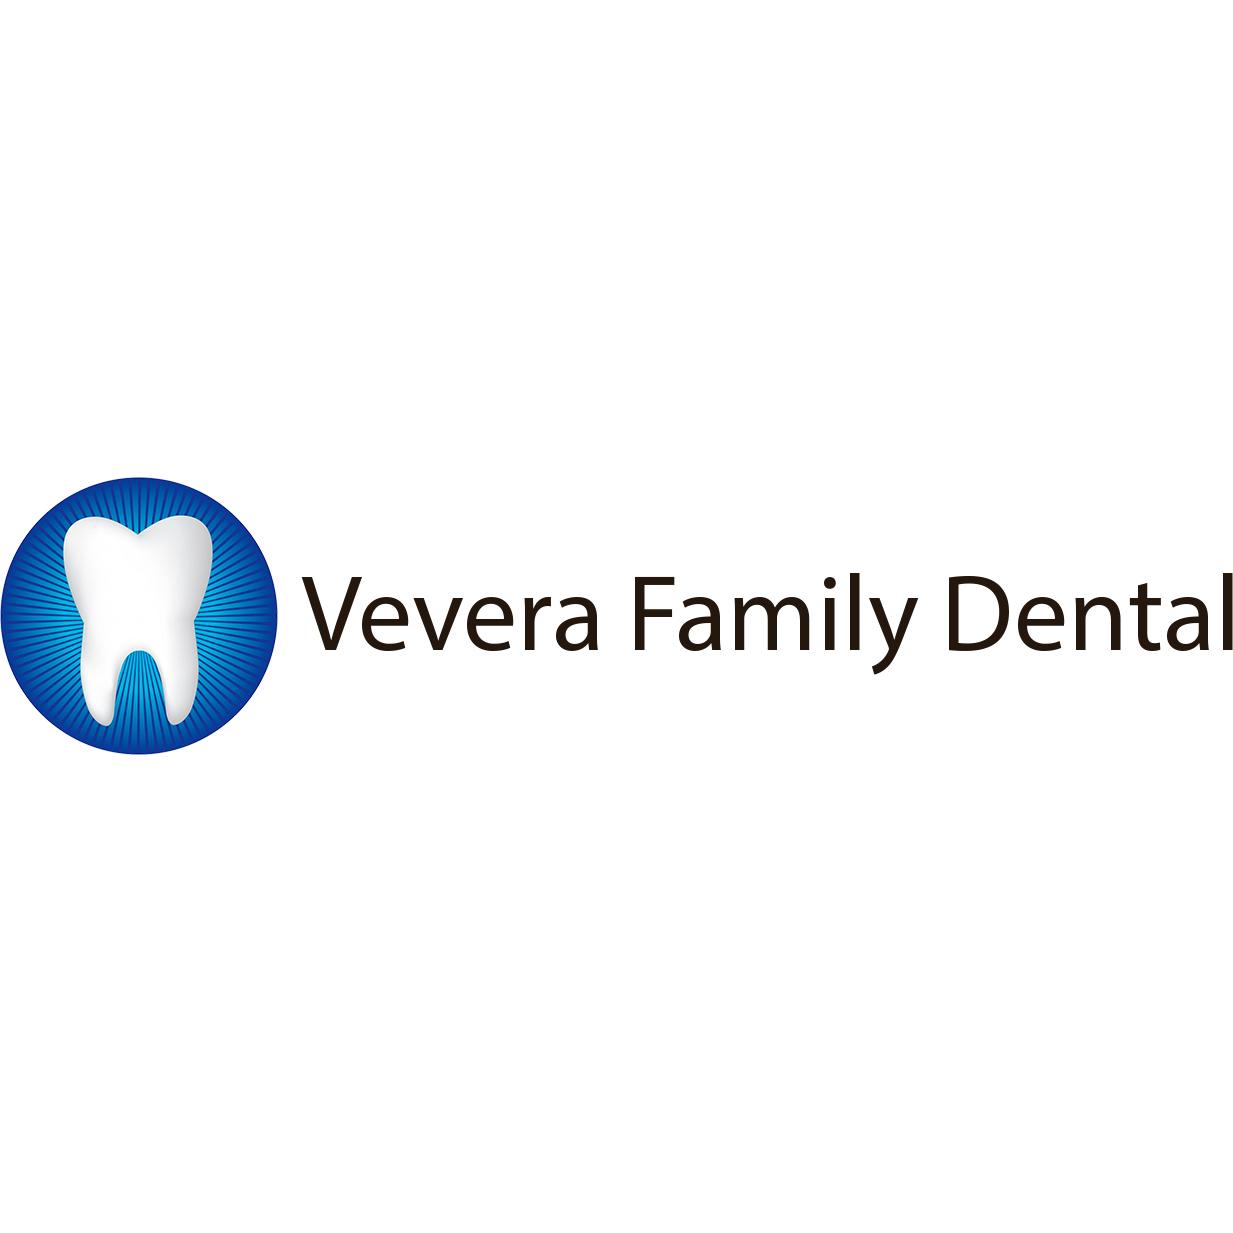 Vevera Family Dental